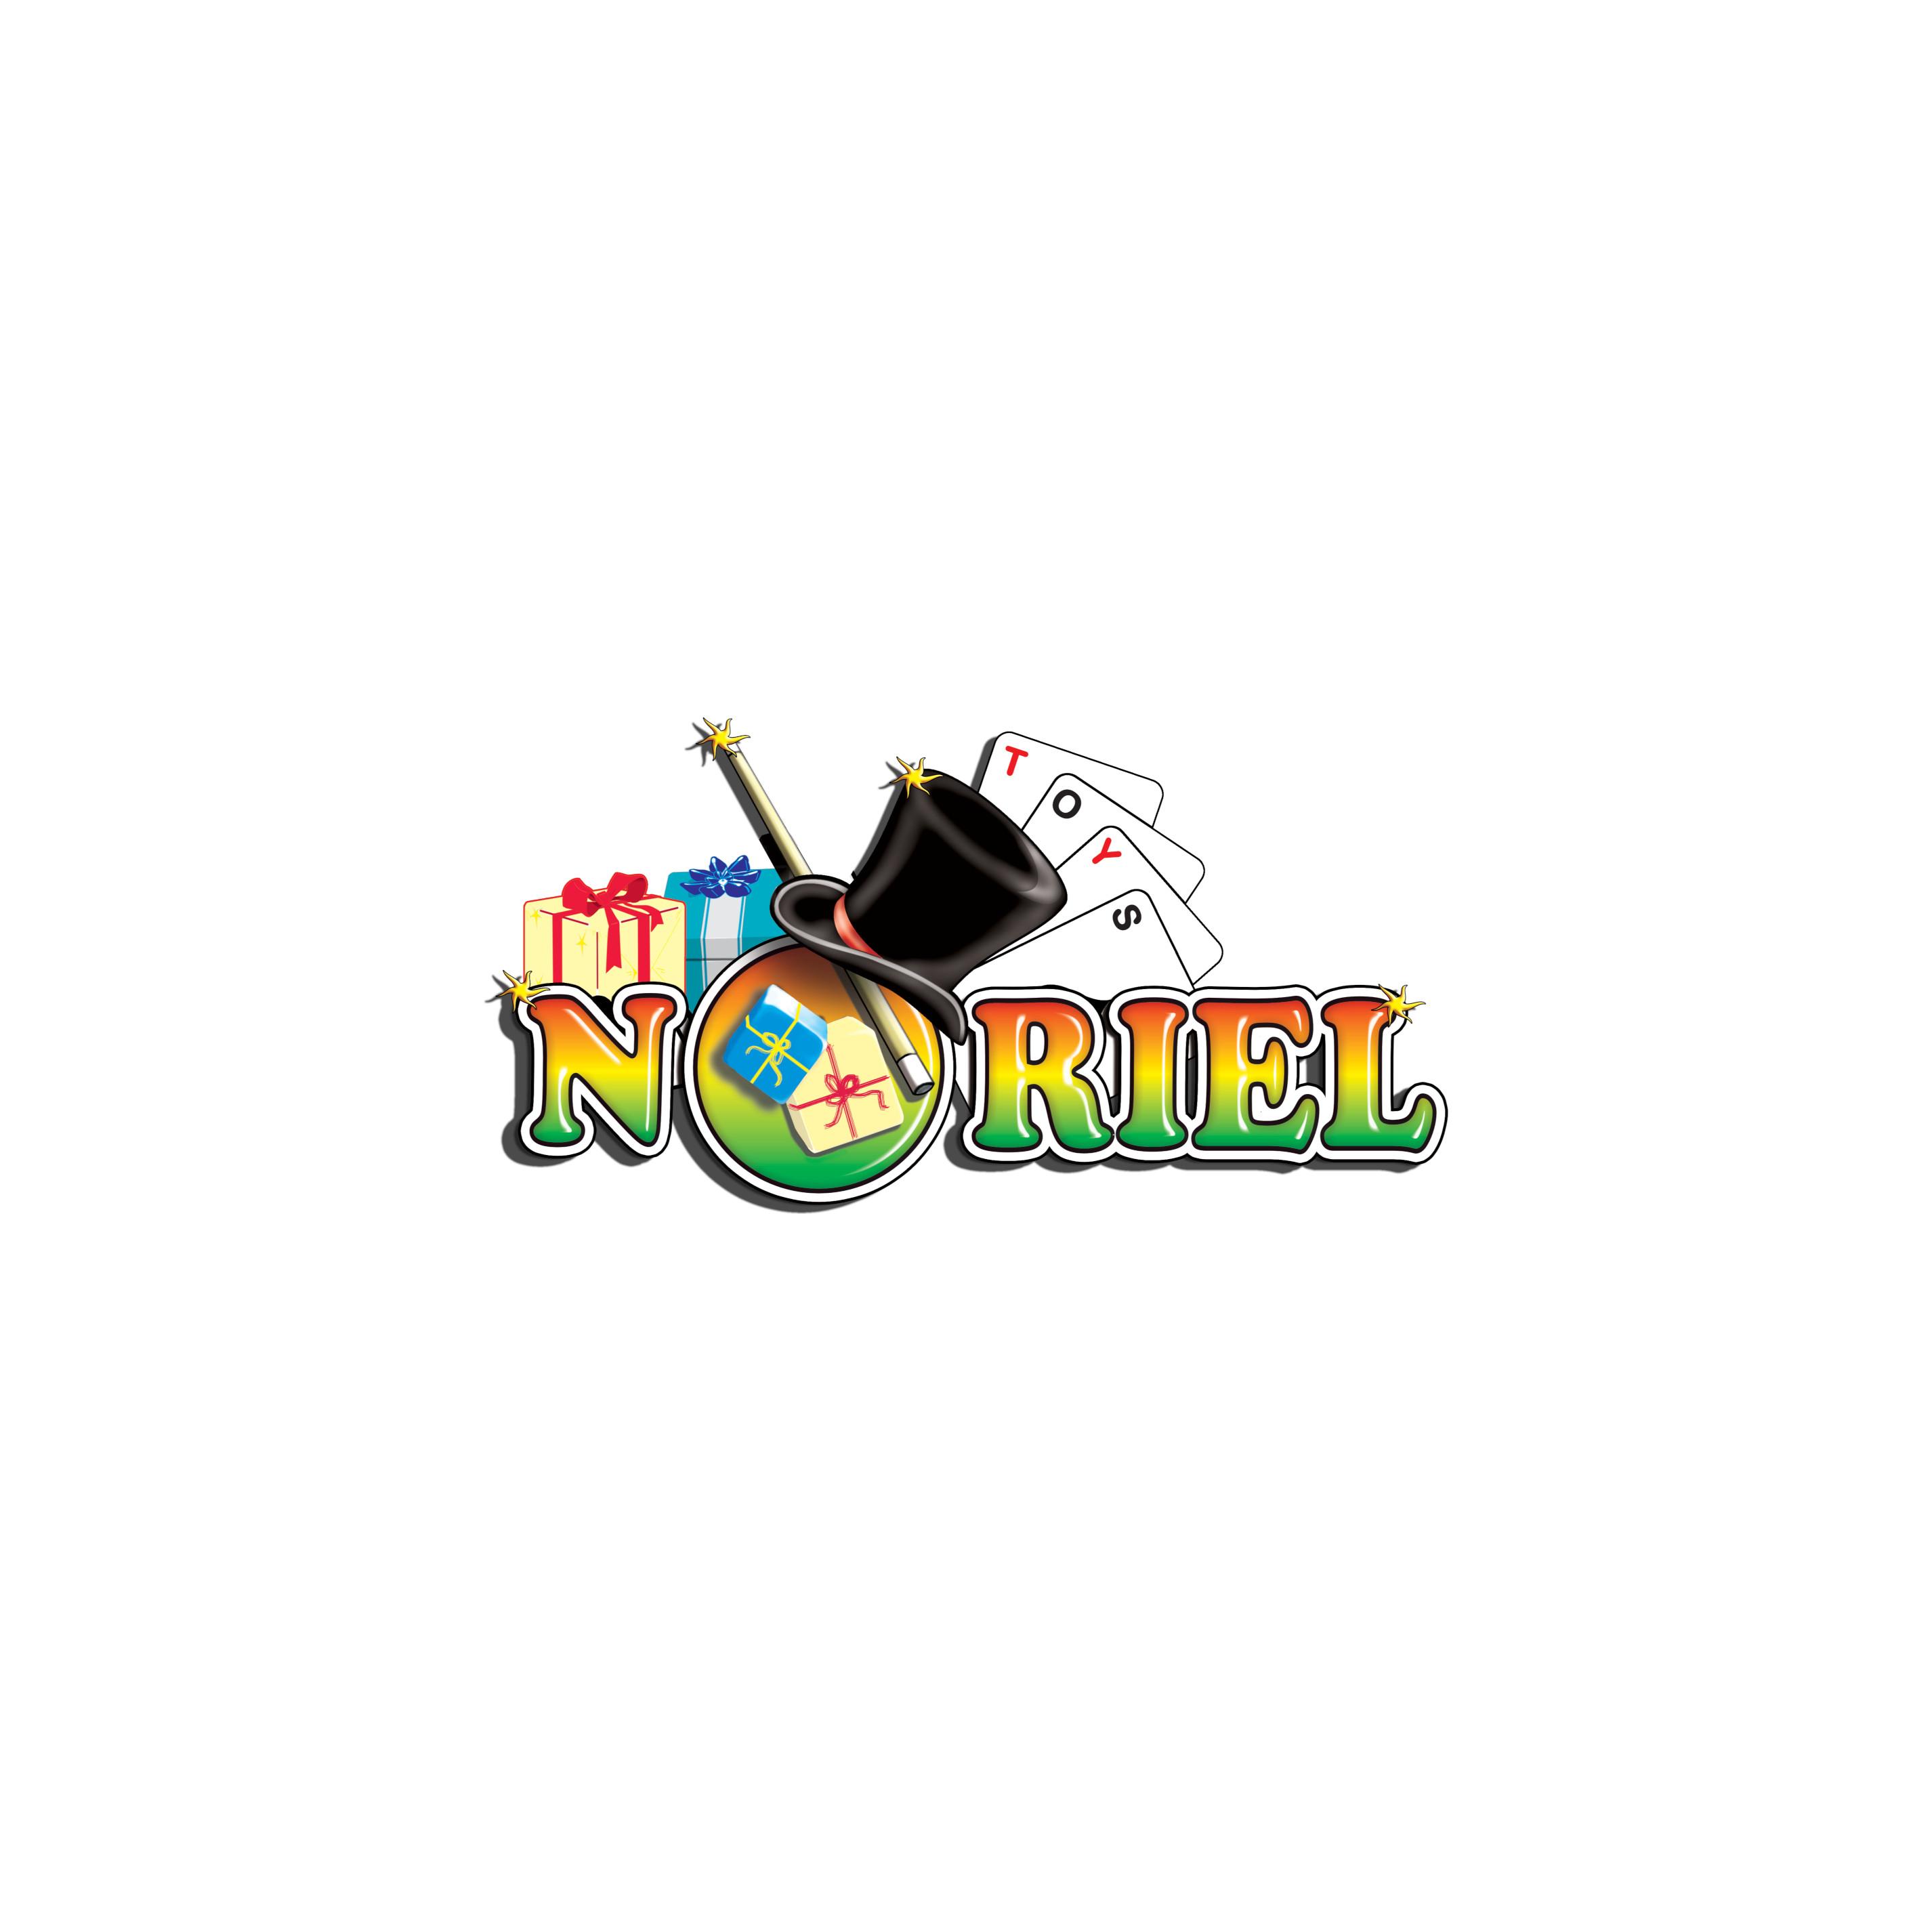 CADDIV53_001w Carte de colorat pentru copii creativi Editura Litera